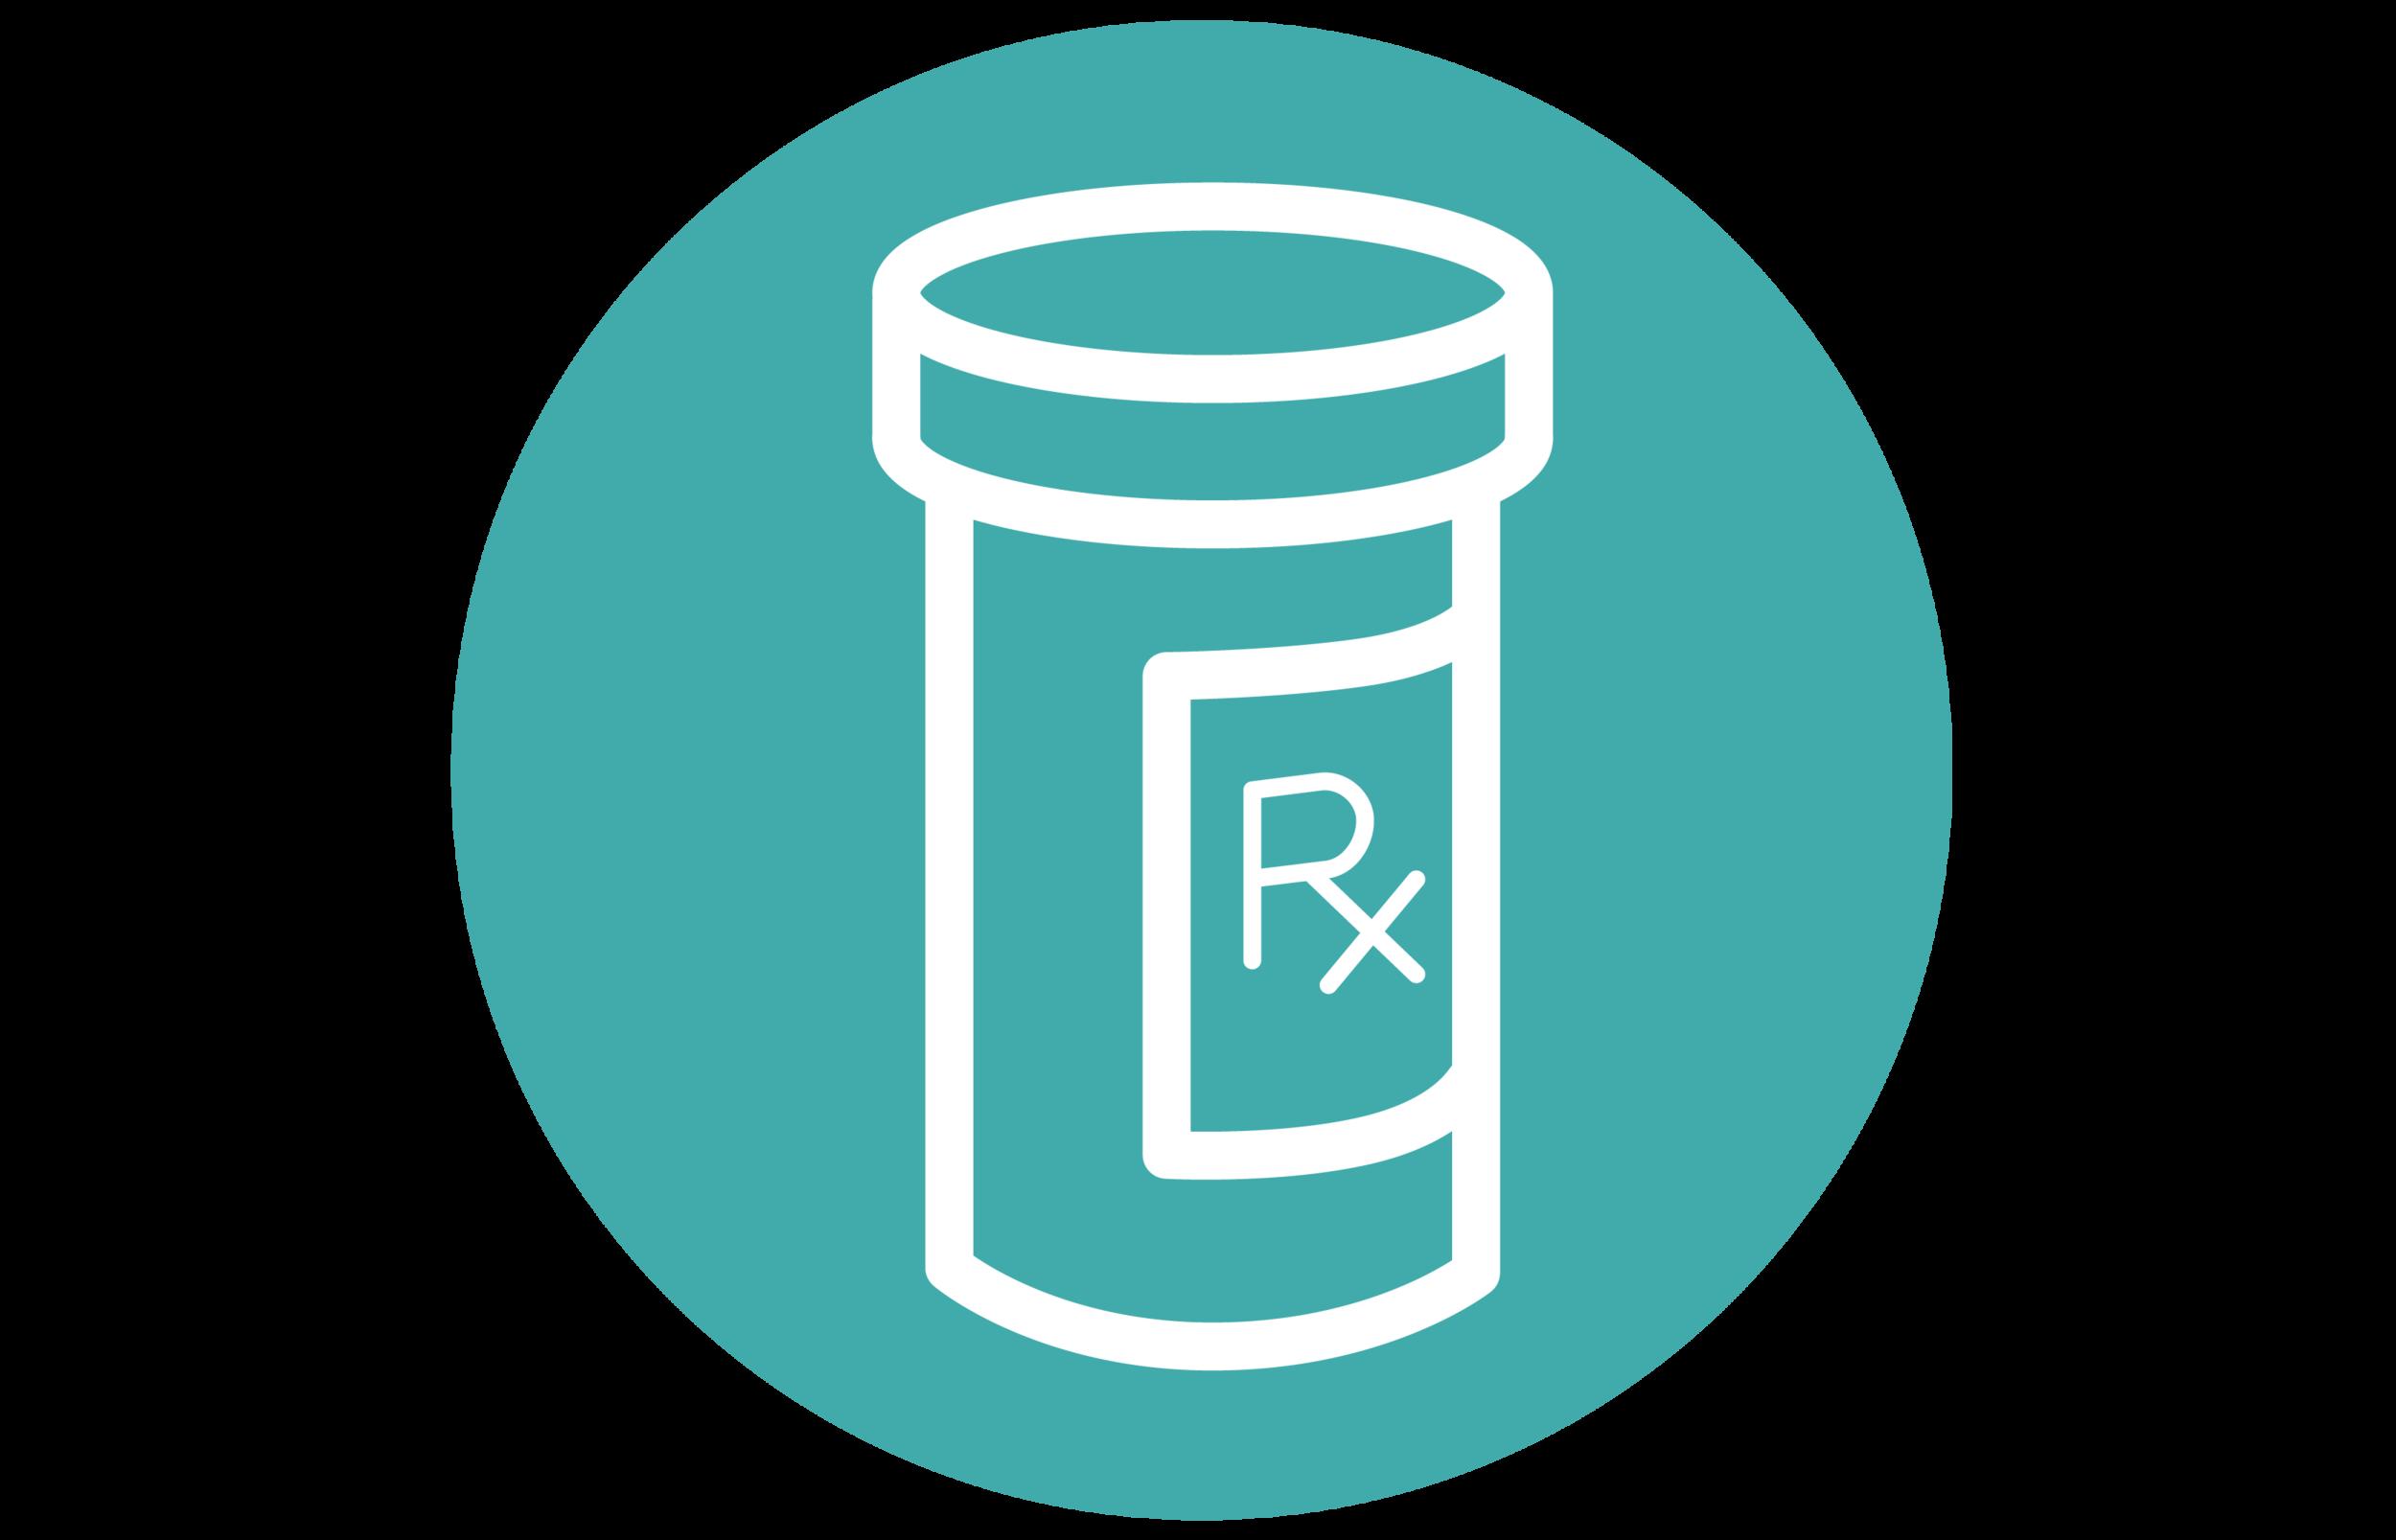 graphic of a prescription bottle